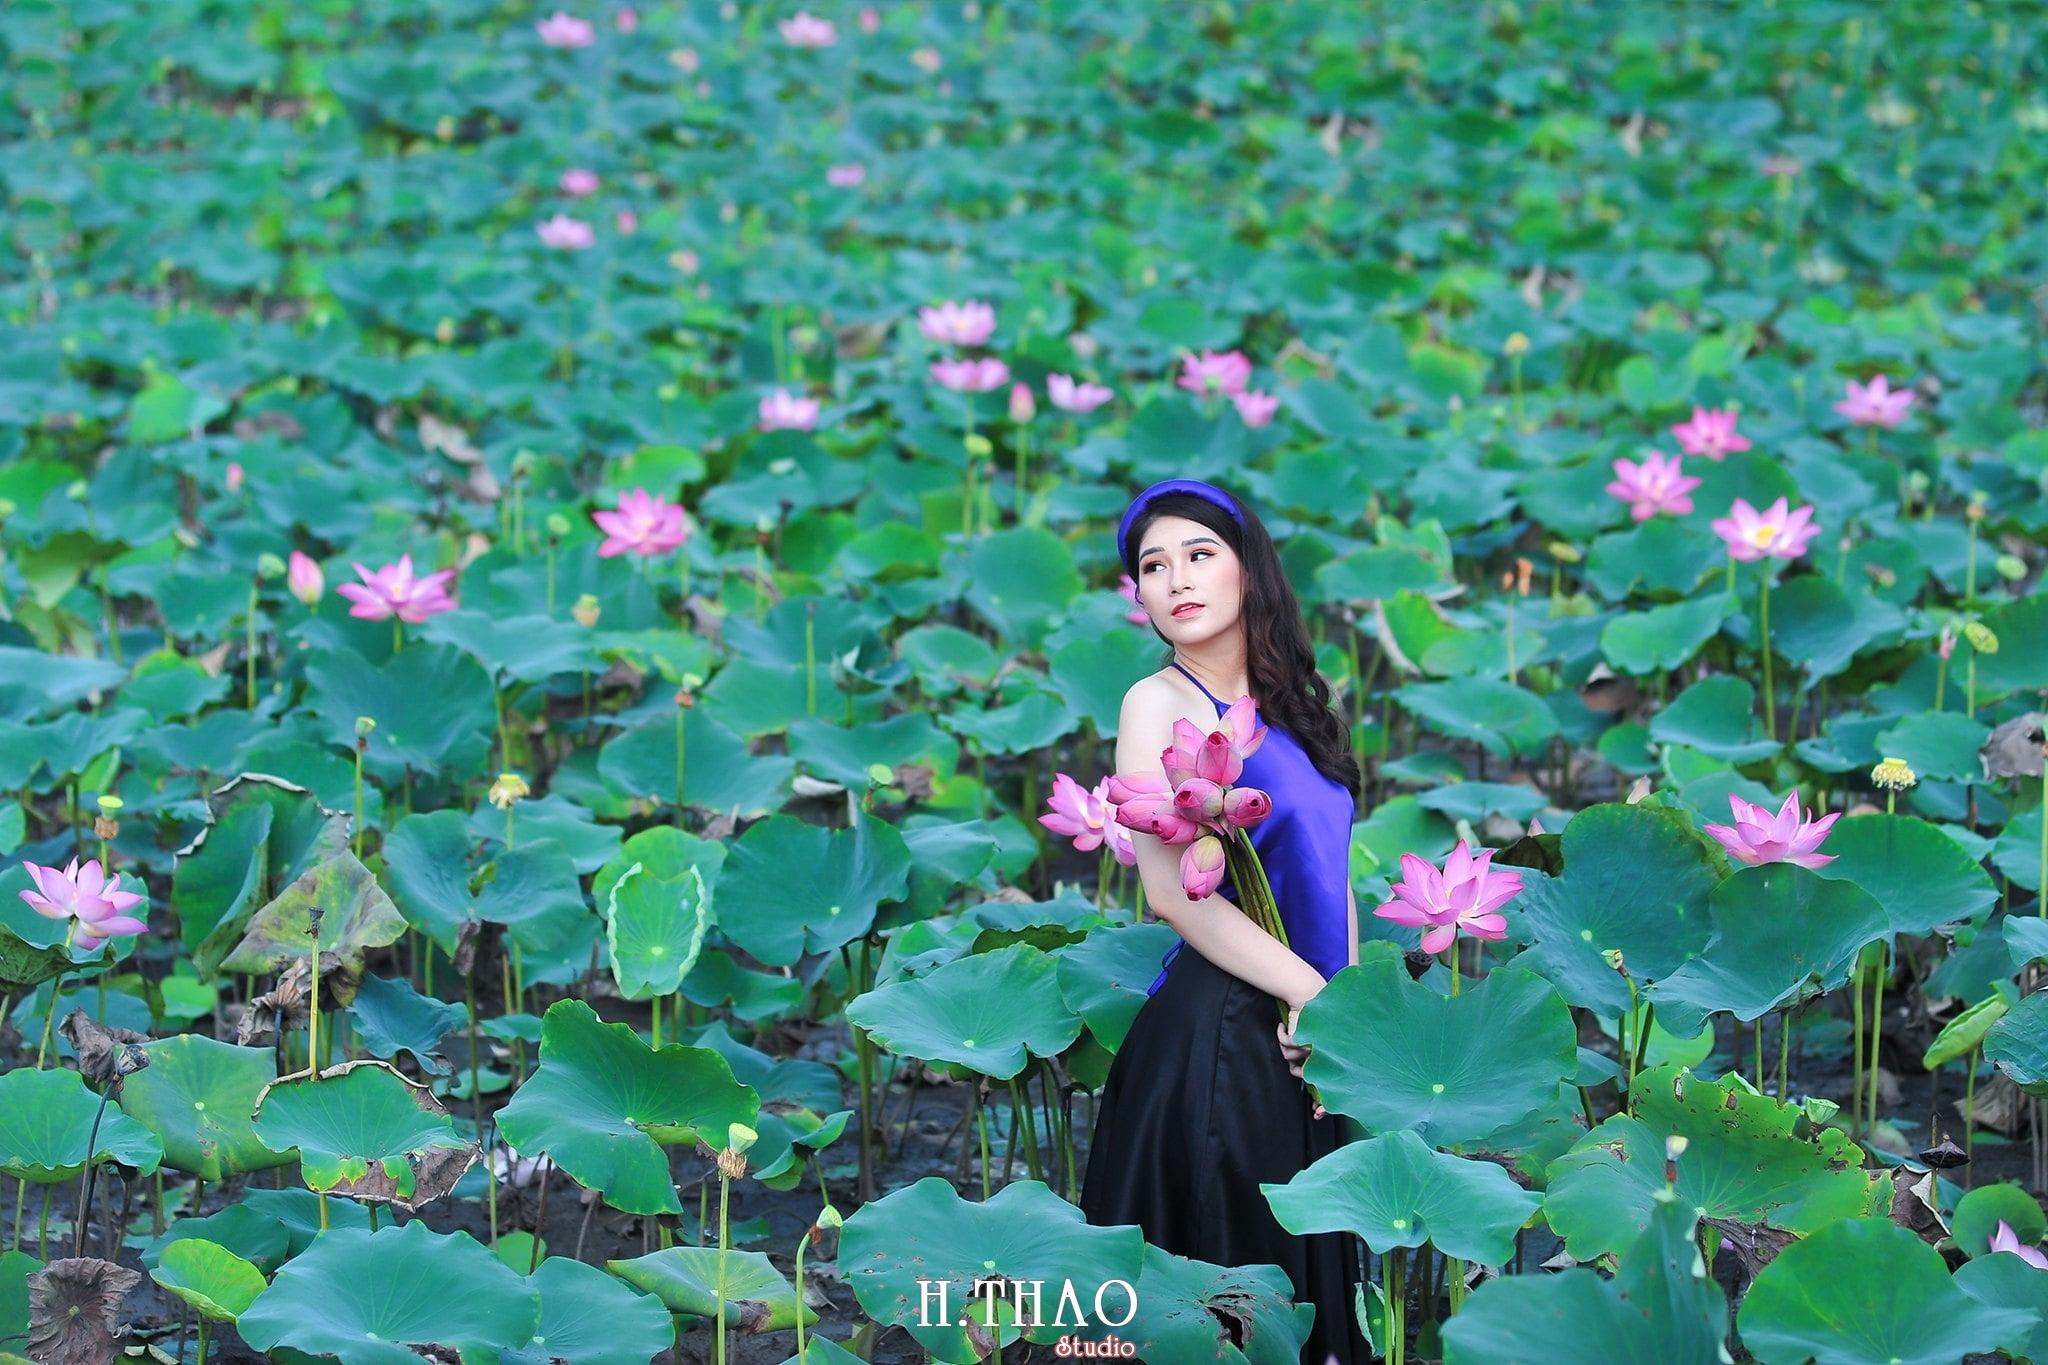 anh sen 9 - 39 cách tạo dáng chụp ảnh với hoa sen tuyệt đẹp - HThao Studio